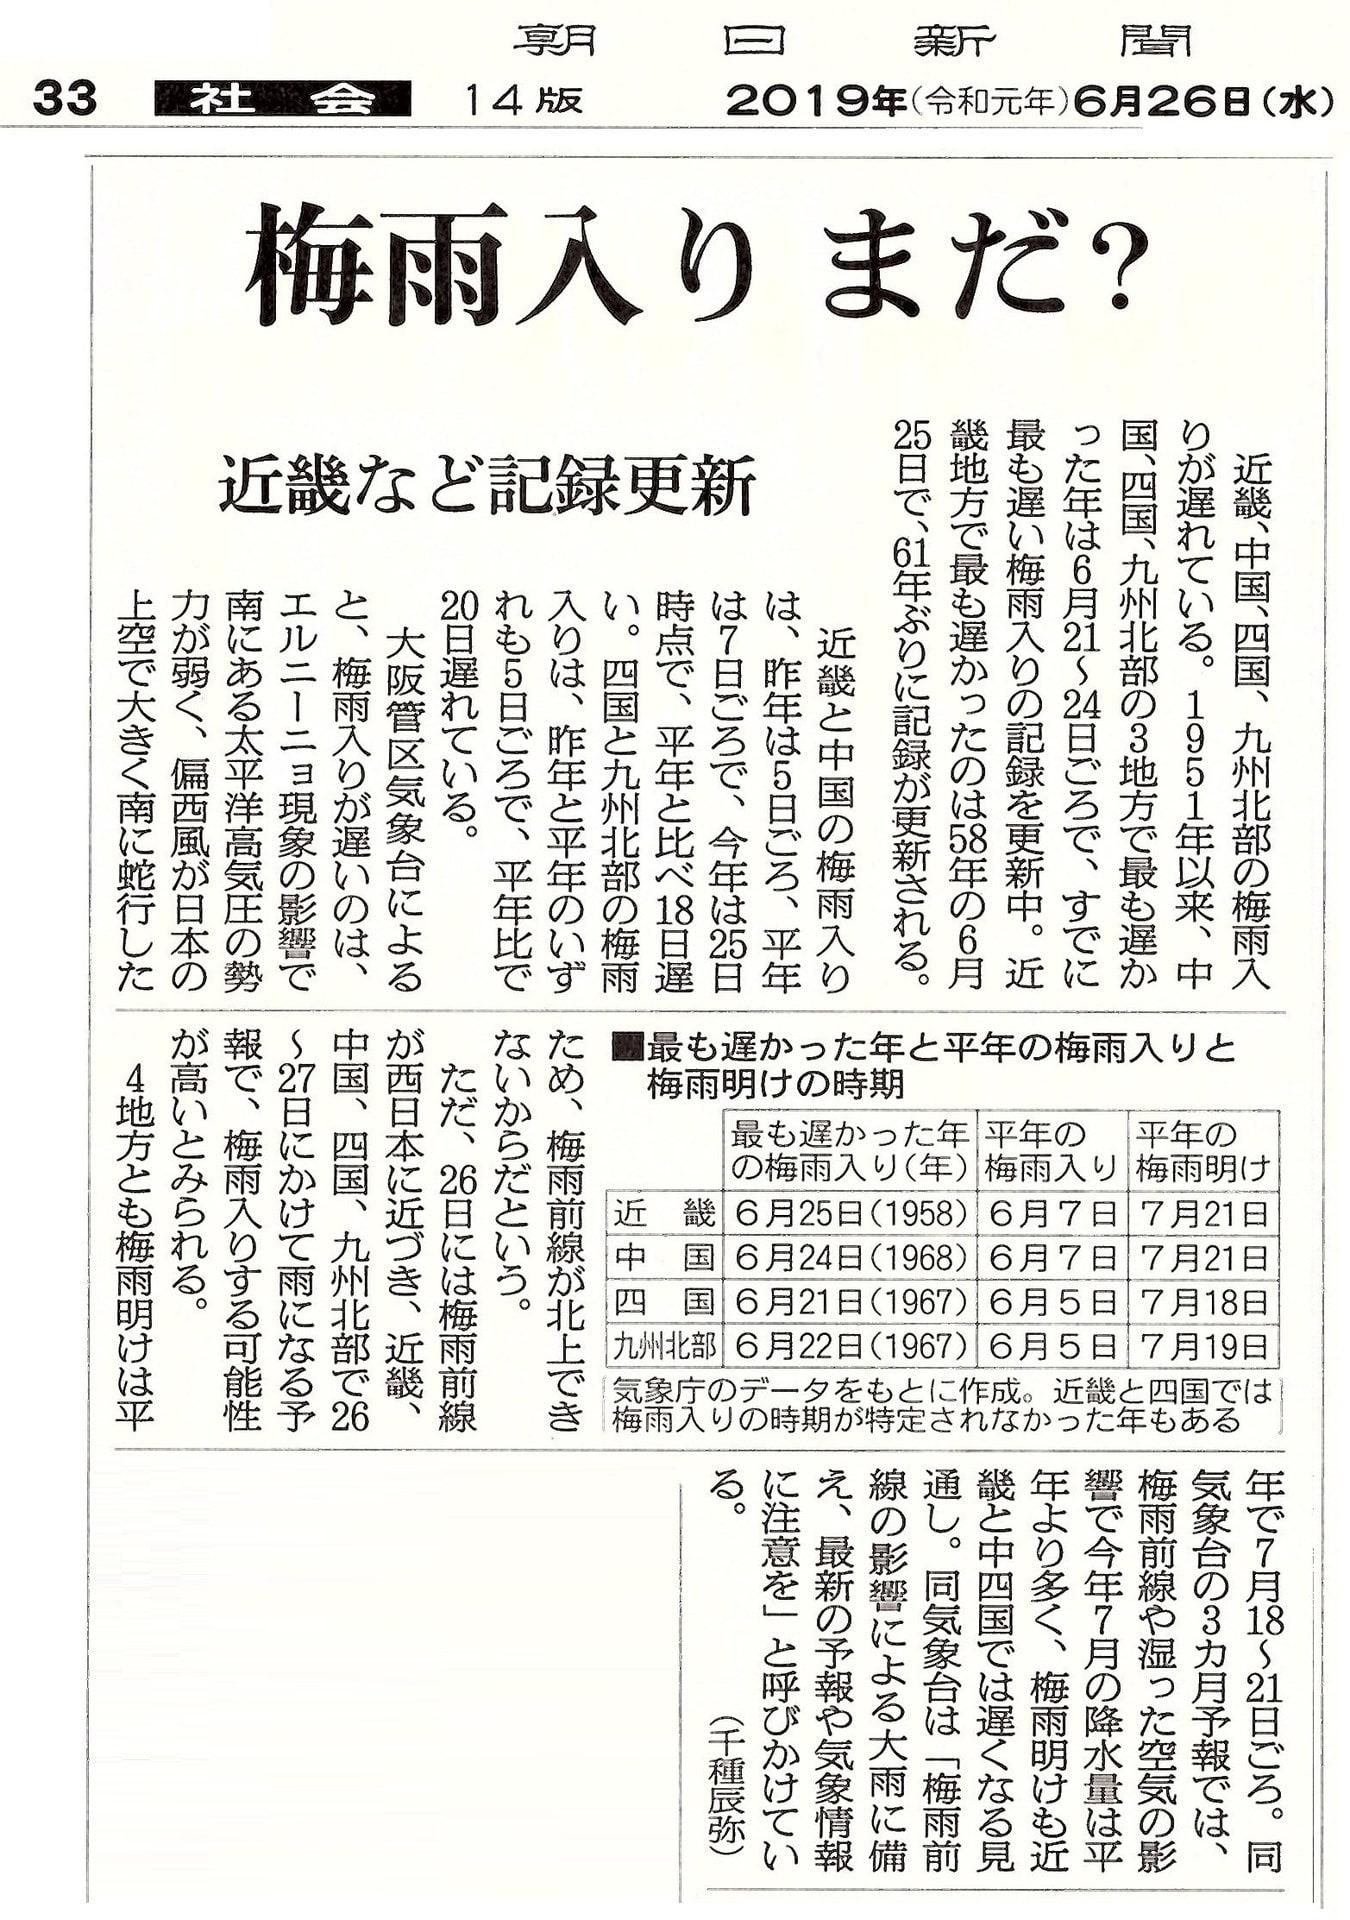 2019 梅雨入り 四国